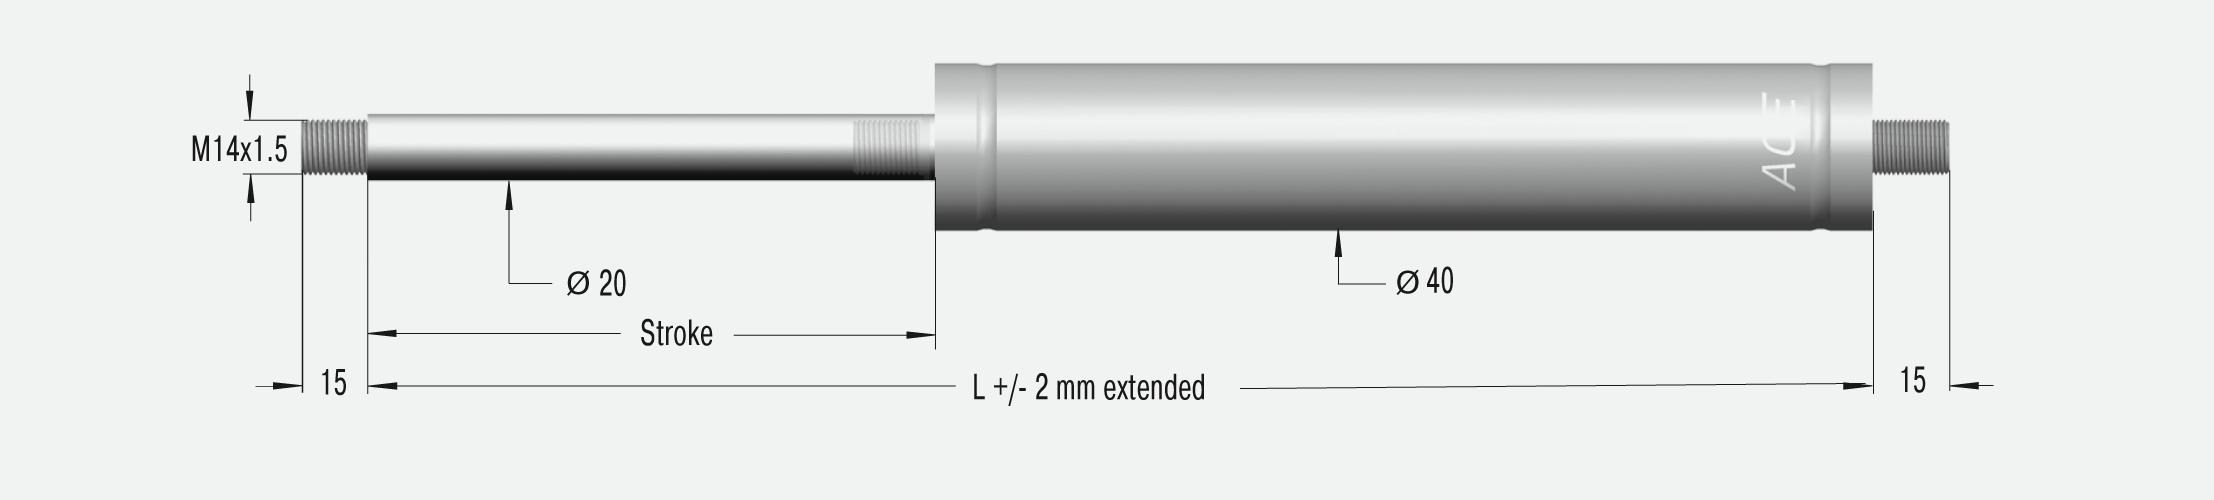 GS-40-150-V4A